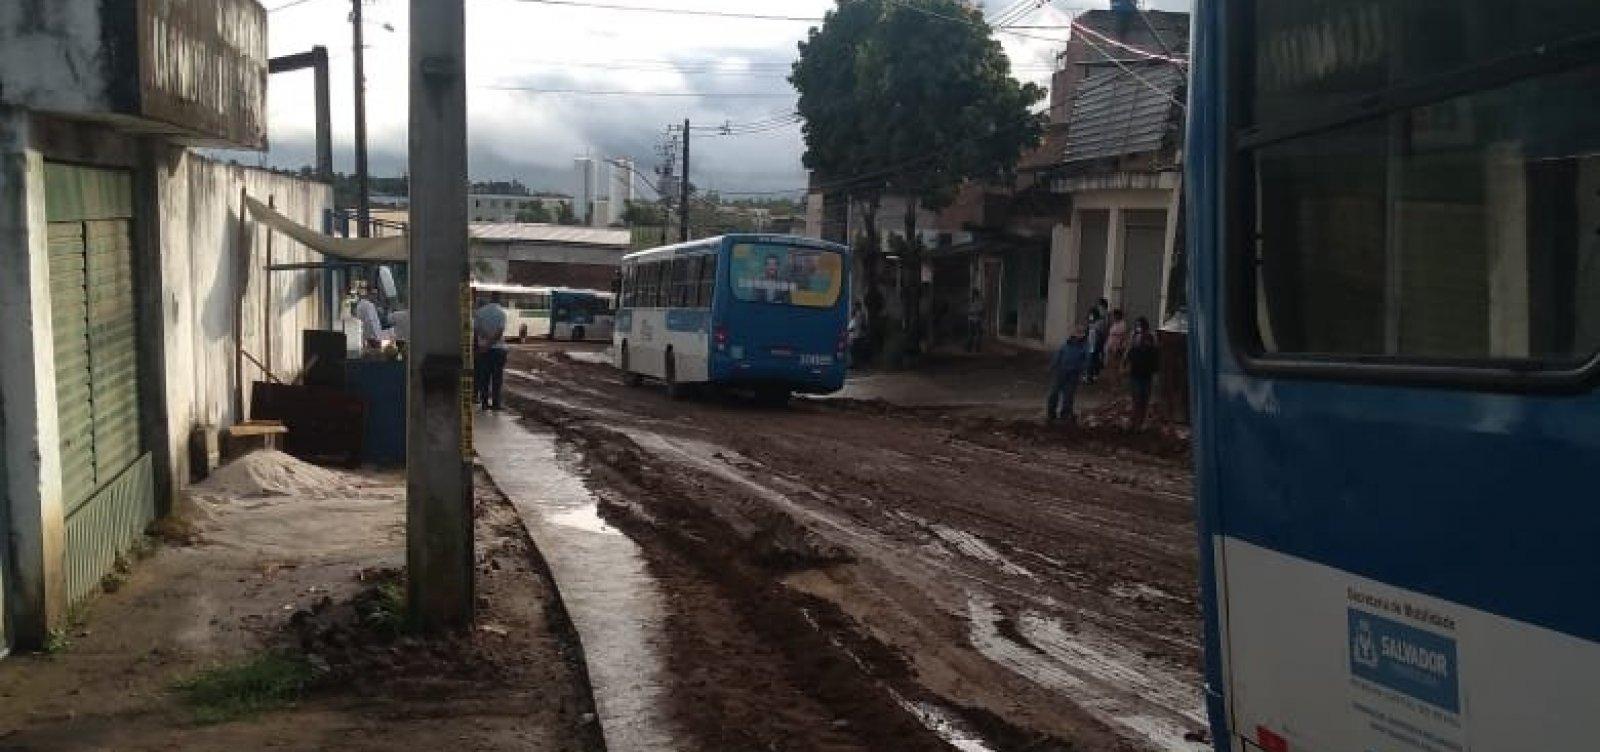 [Após chuva, carros ficam atolados na Estrada Velha do Aeroporto; veja vídeo]